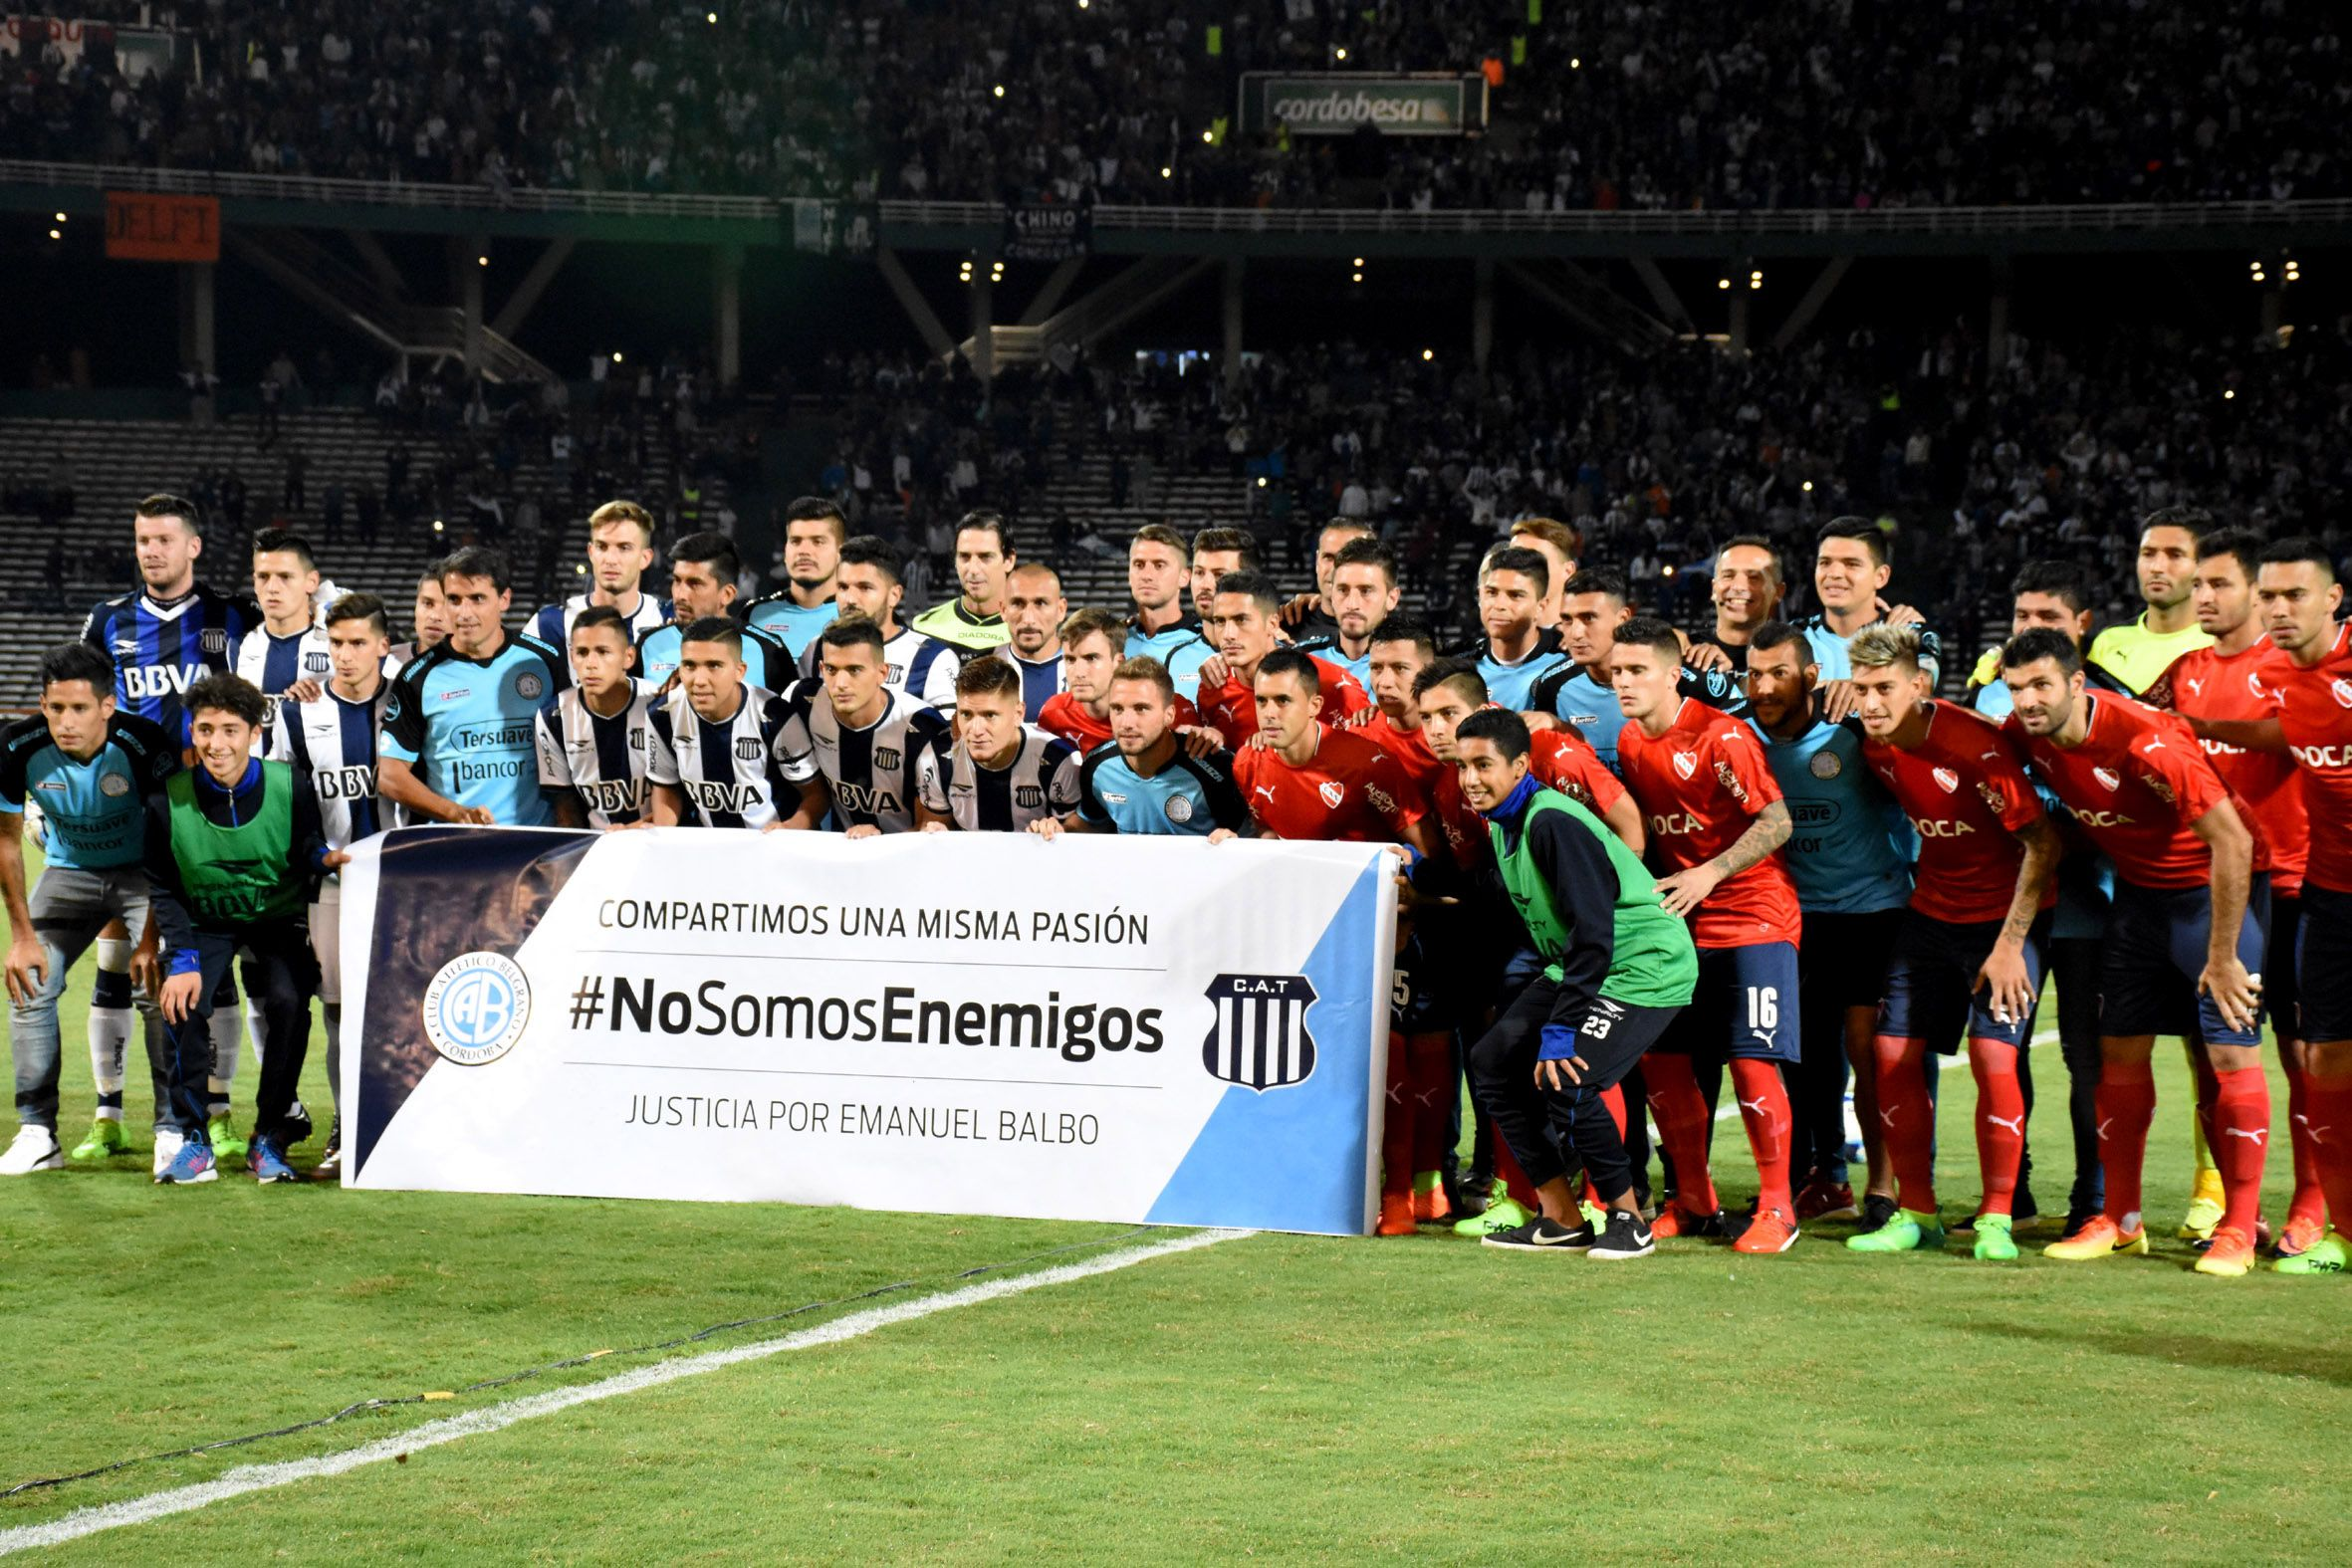 {altText(#NoSomosEnemigos, la bandera con la que posaron Belgrano, Talleres e Independiente<br>,Belgrano, Talleres e Independiente pidieron el fin de la violencia en el fútbol)}